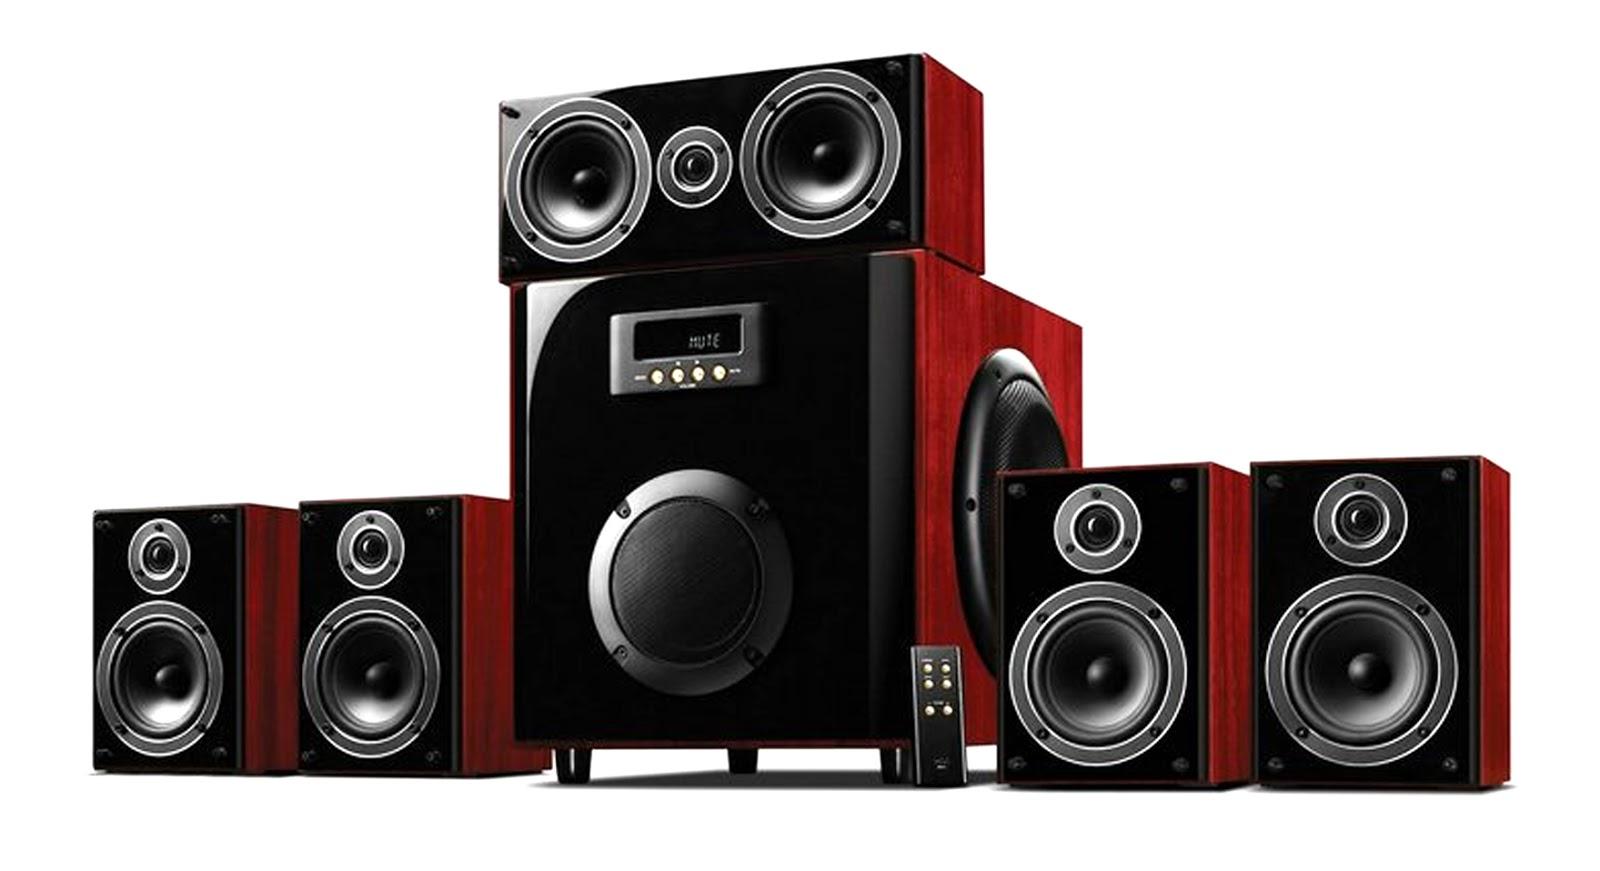 daftar harga speaker aktif terbaru merek speaker harga aim tube